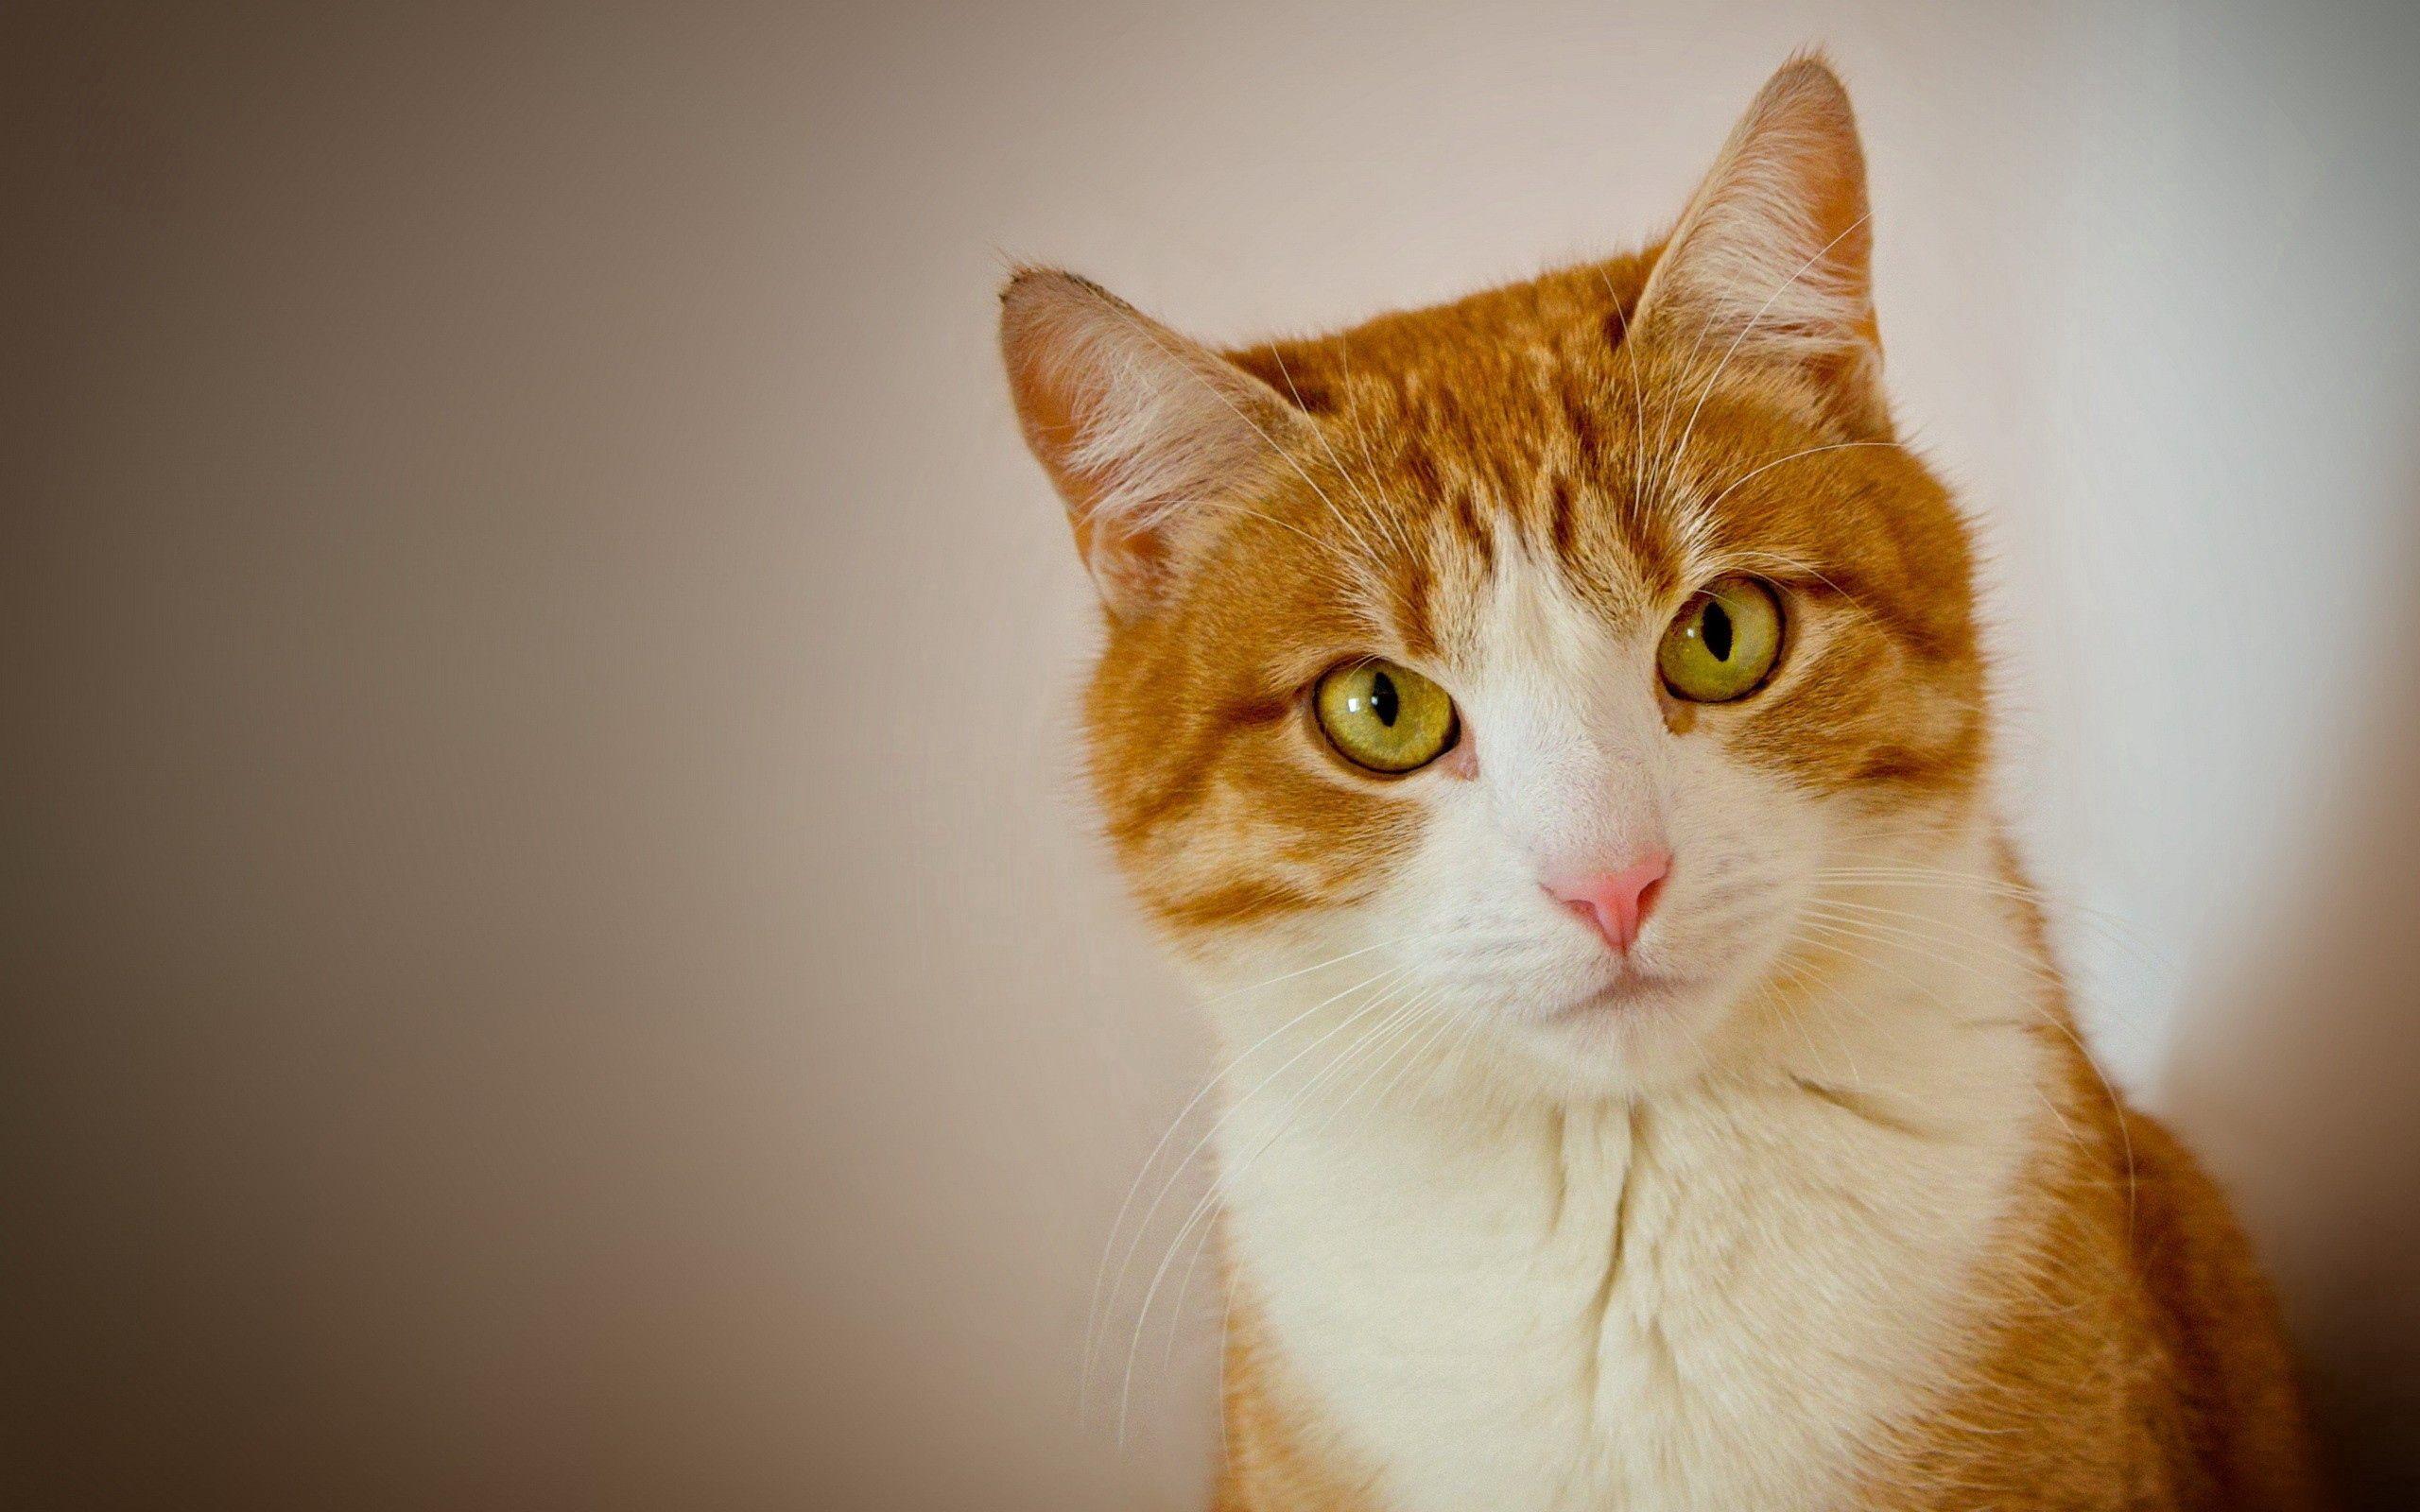 144688 descargar fondo de pantalla Animales, Gato, Bozal, Visión, Opinión: protectores de pantalla e imágenes gratis